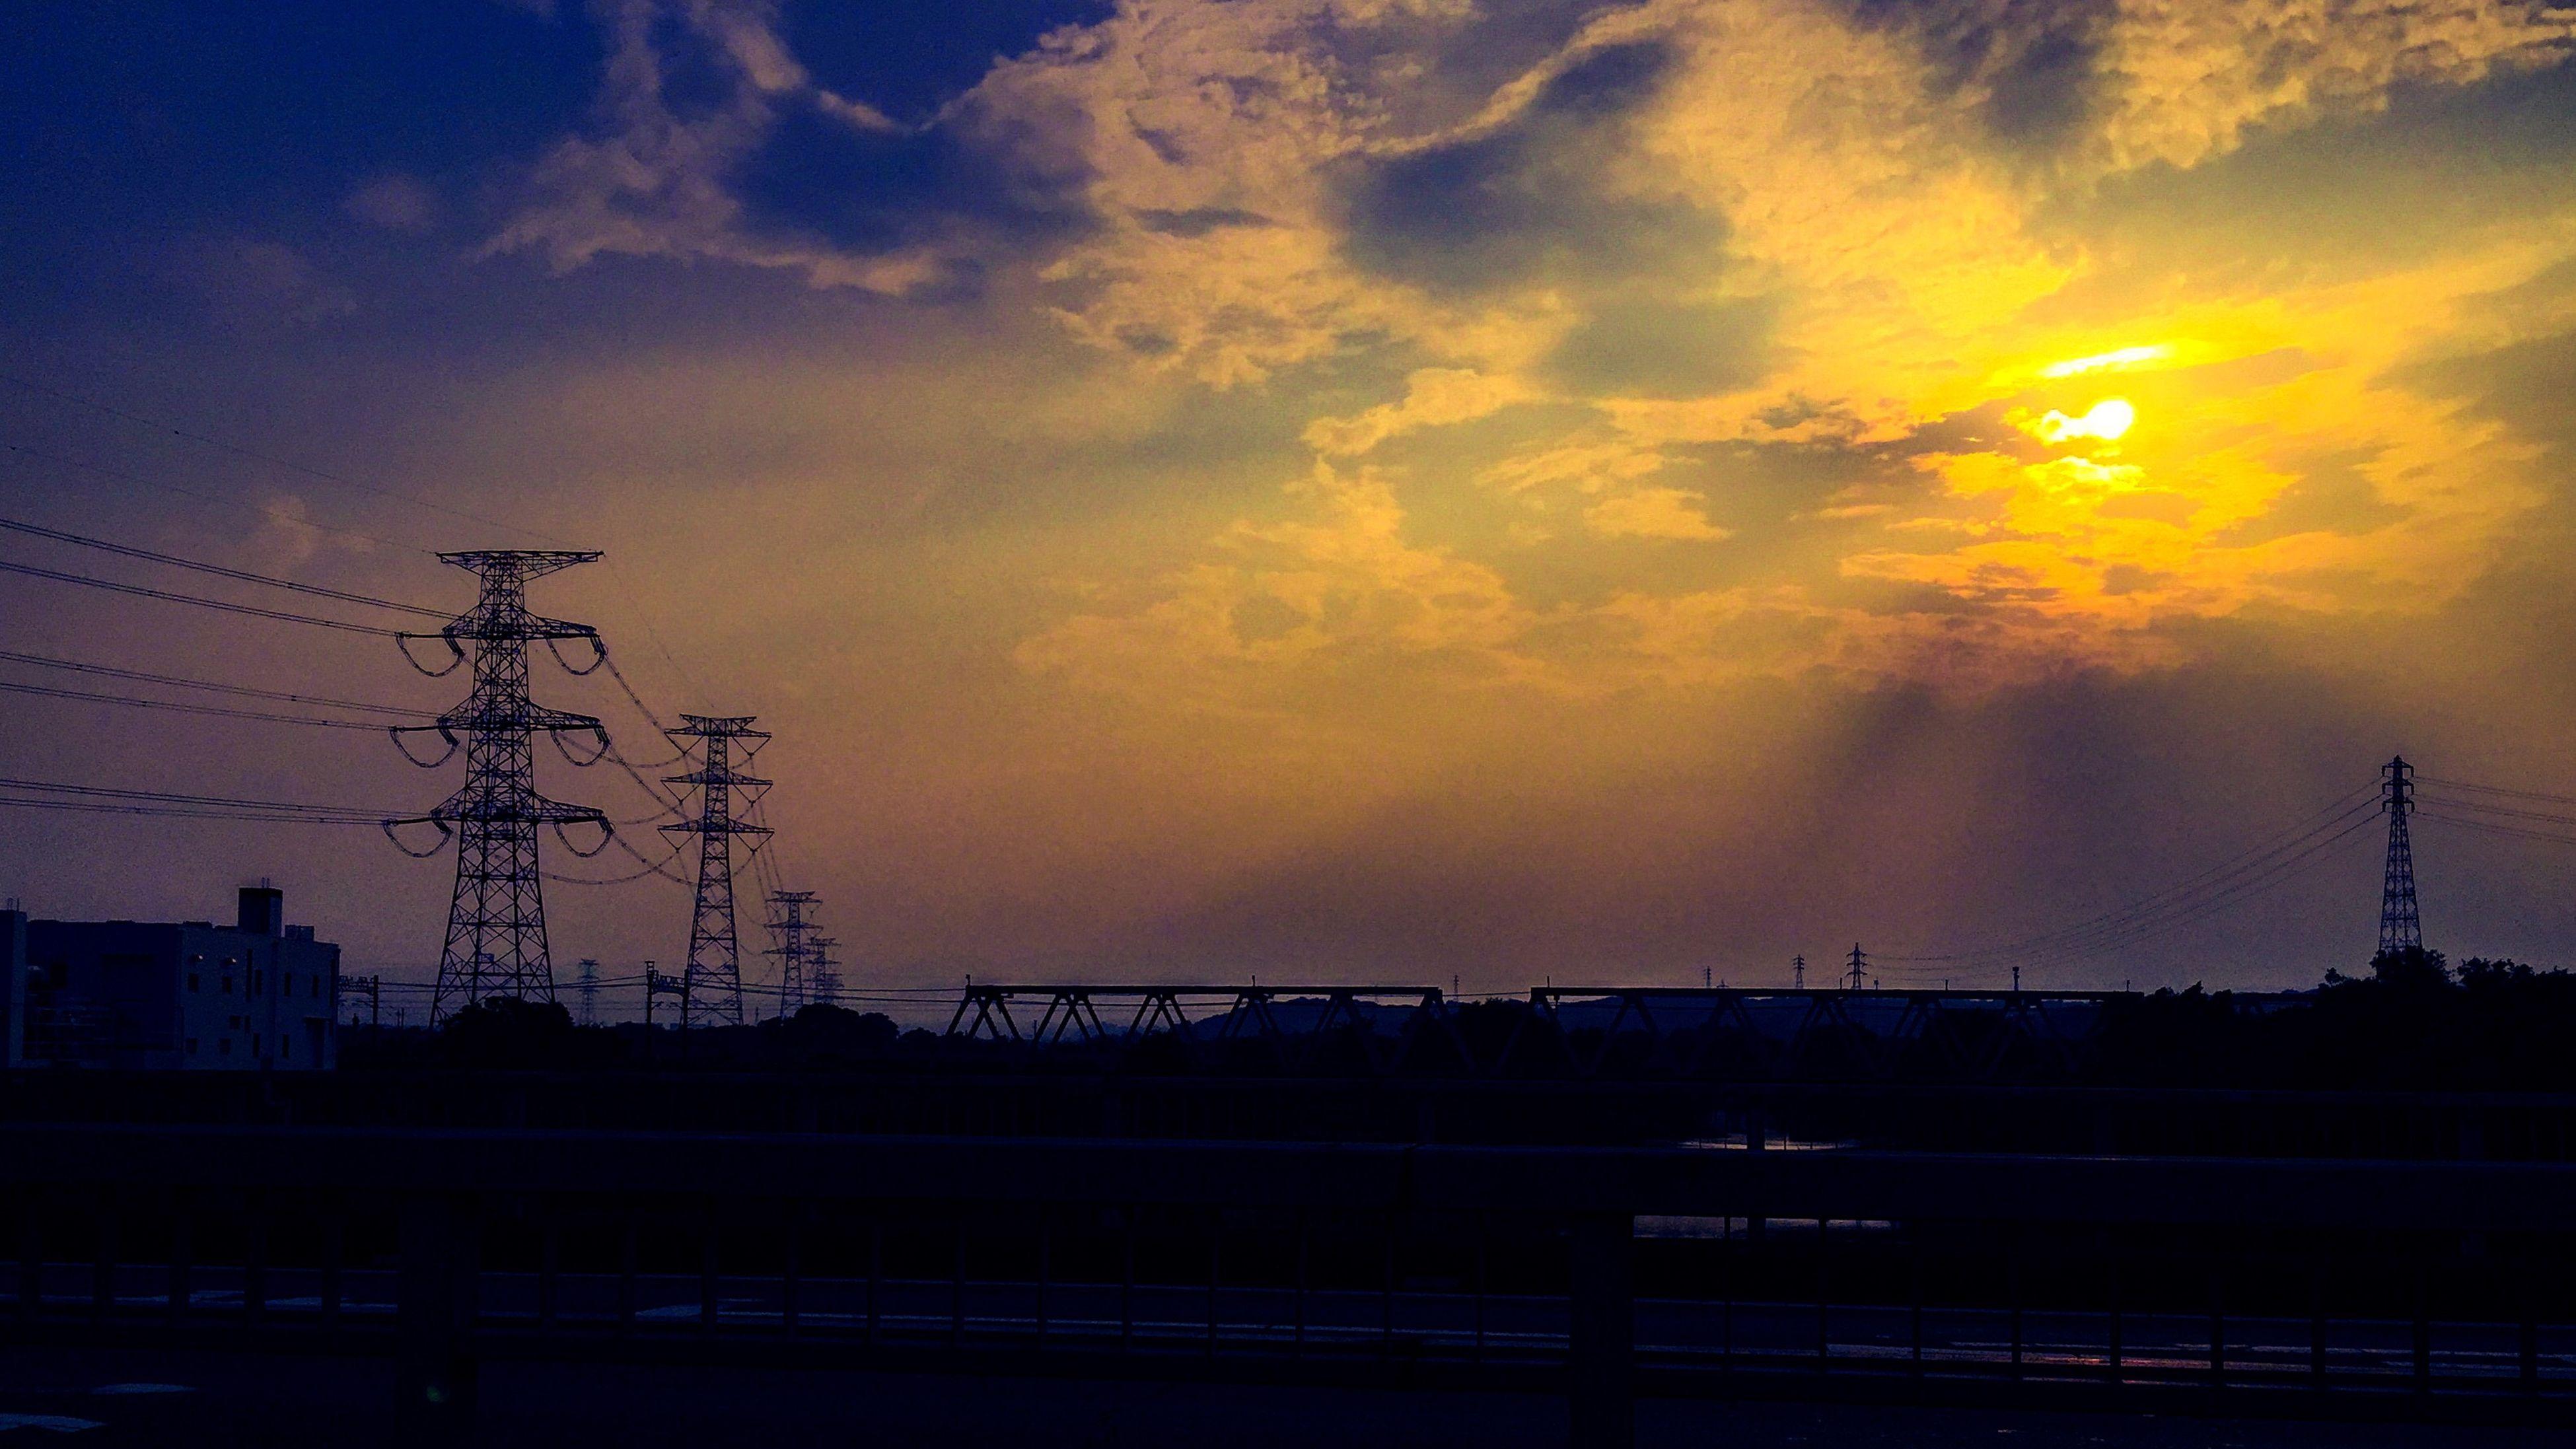 Electricity Pylon On Landscape Against Sunset Sky